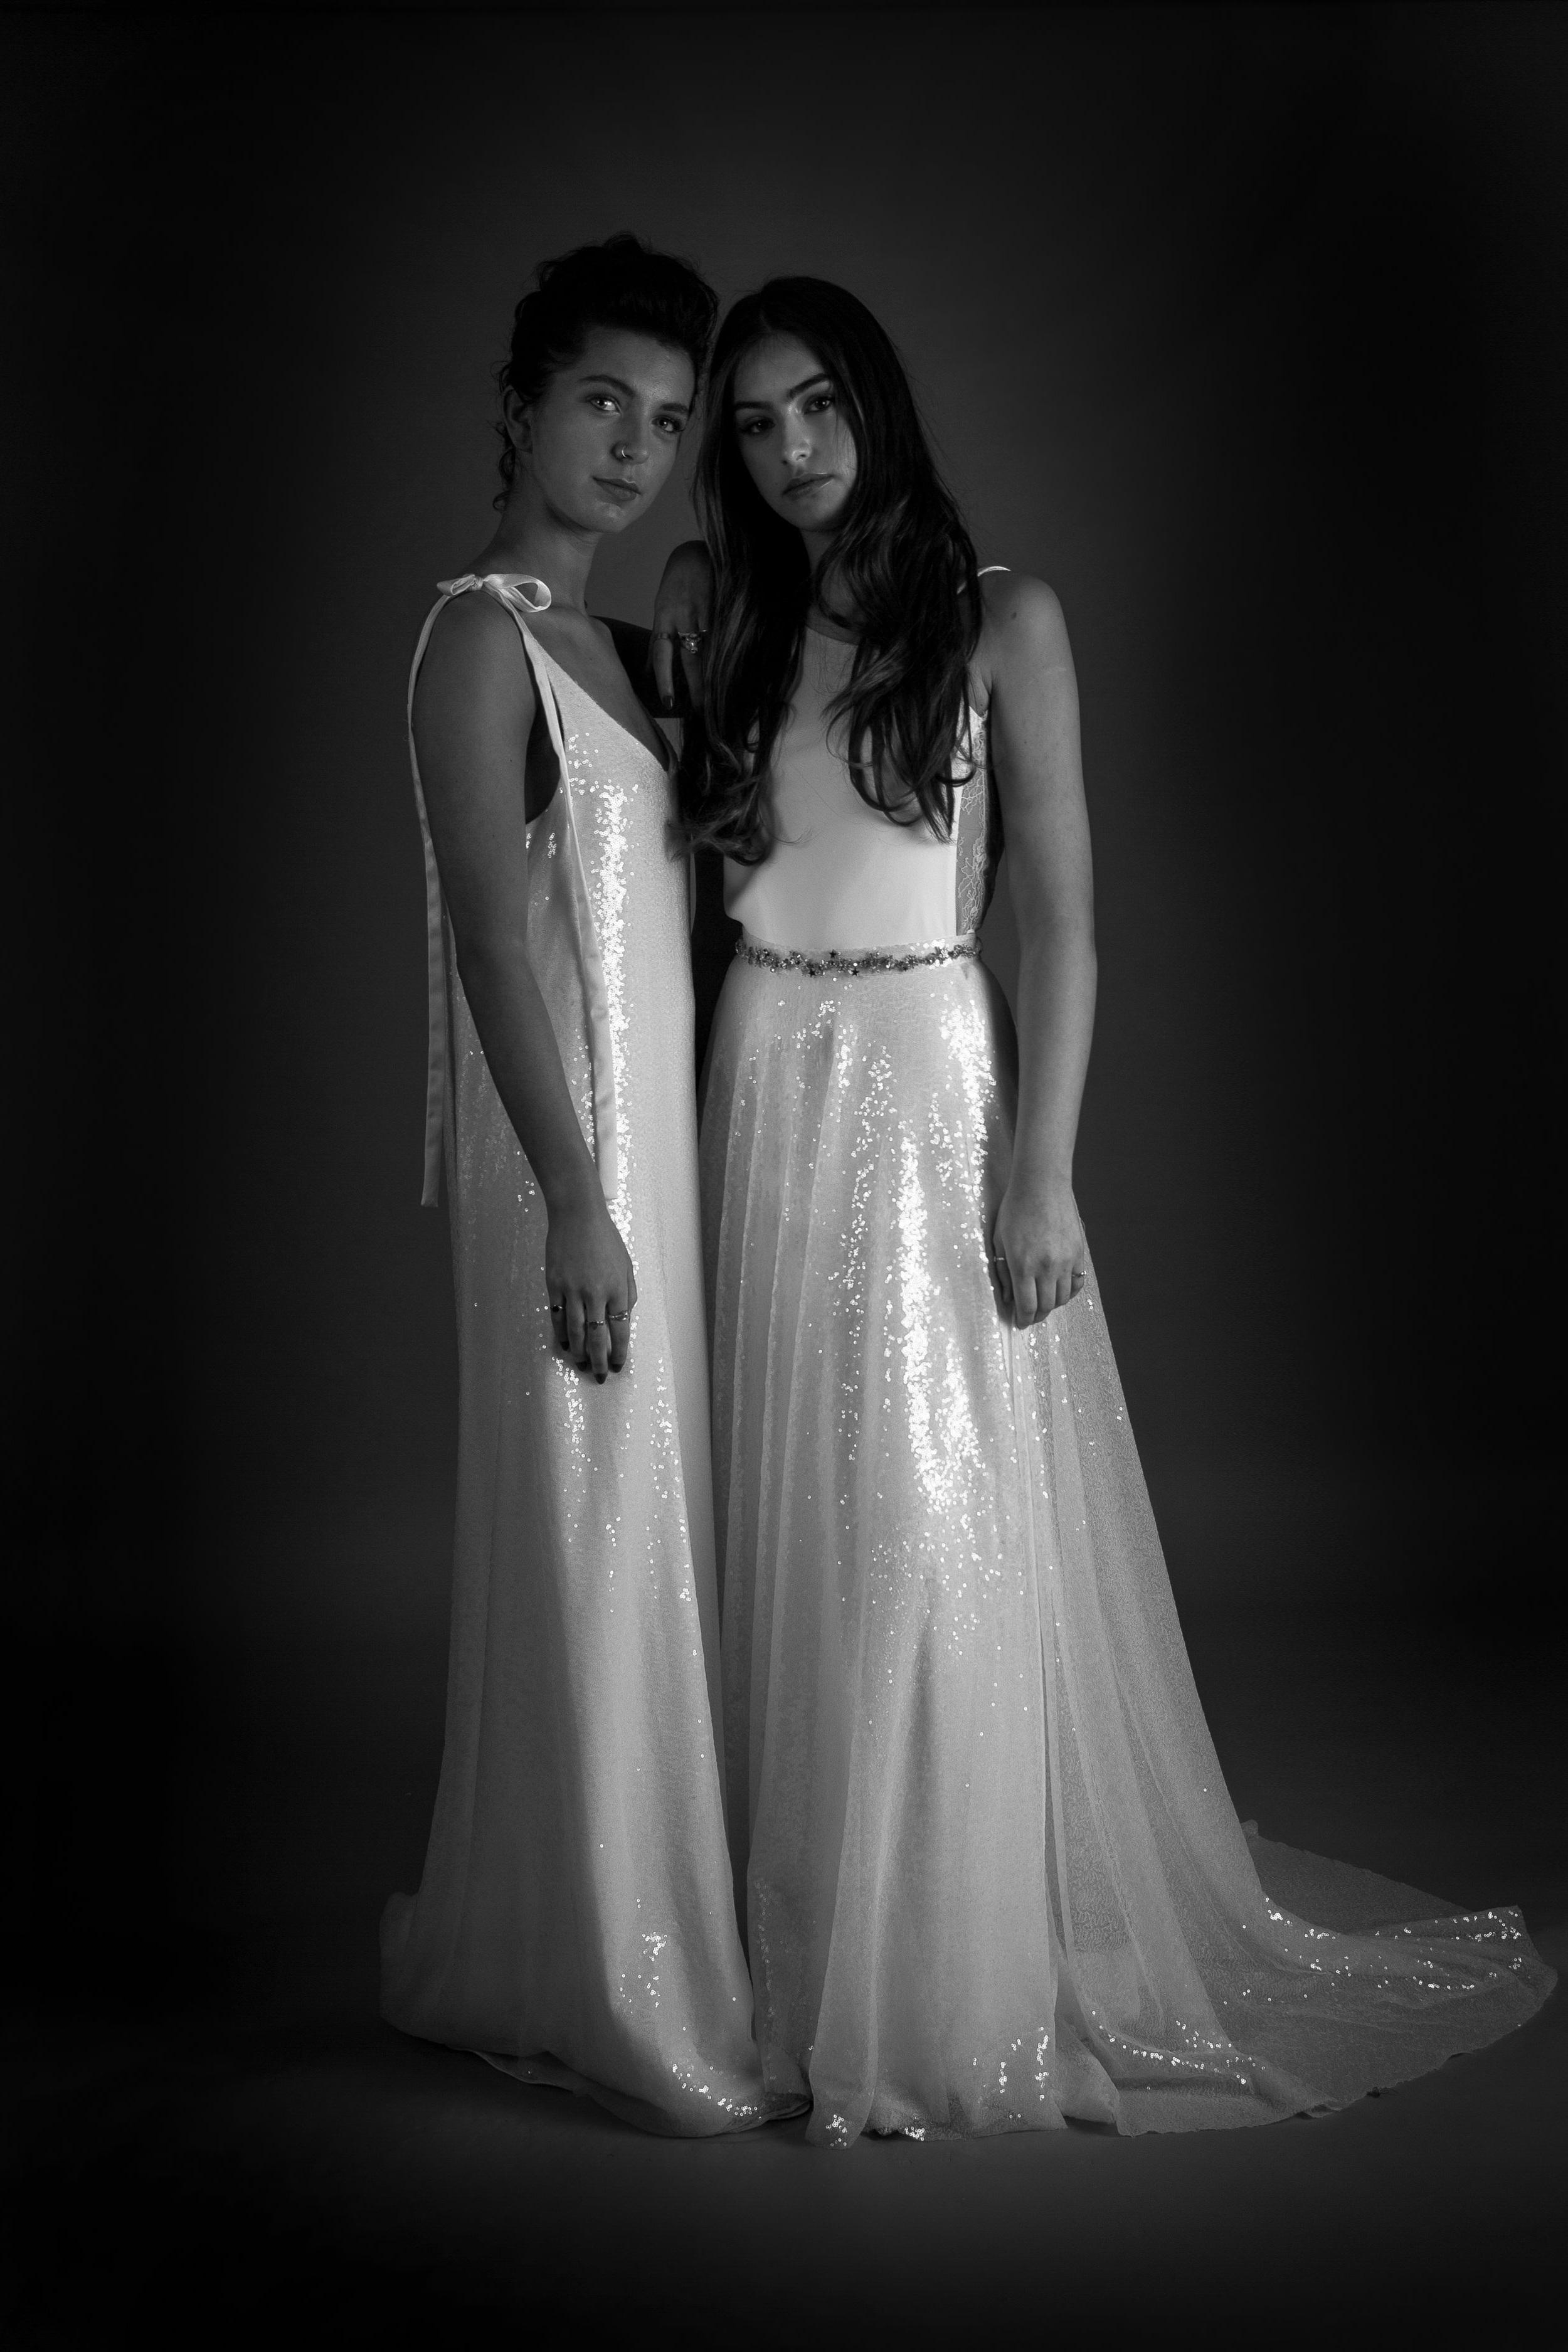 EDITH DRESS | JOLIE DRESS WITH NOLA OVERSKIRT